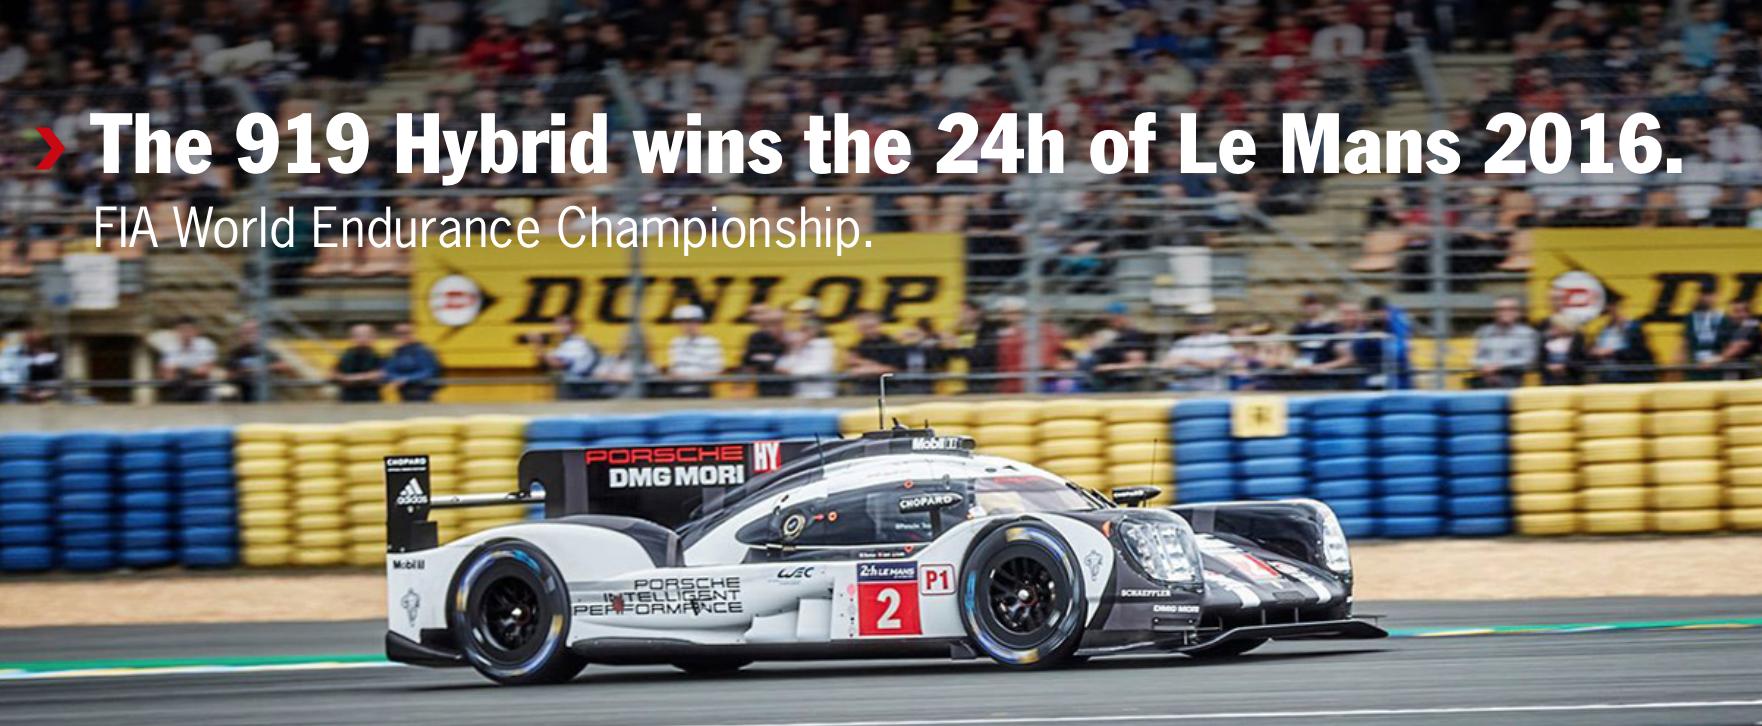 Triumf Porsche w wyścigu 24h Le Mans 2016